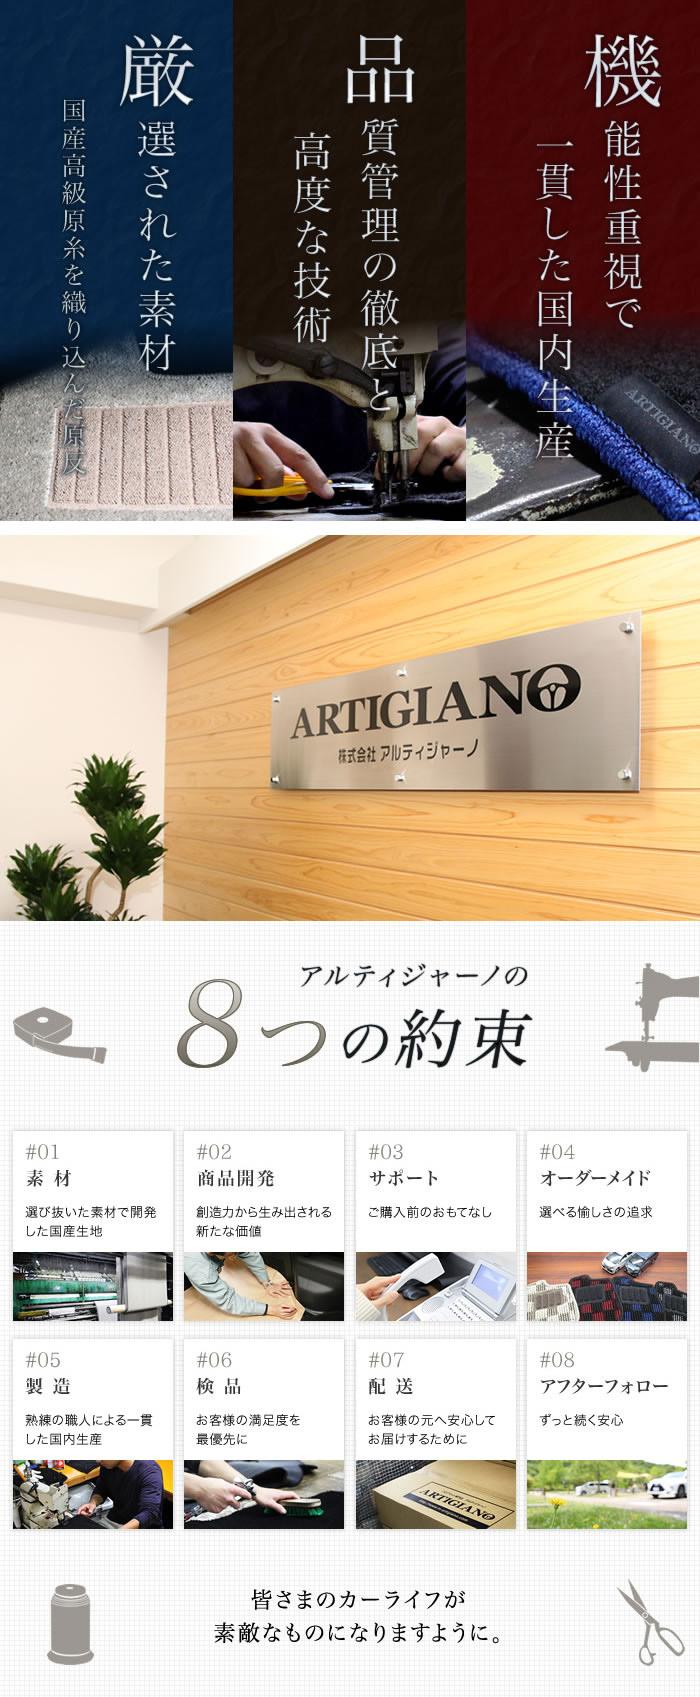 アルティジャーノが創造するフロアマットの「新たな価値」がここにあります。